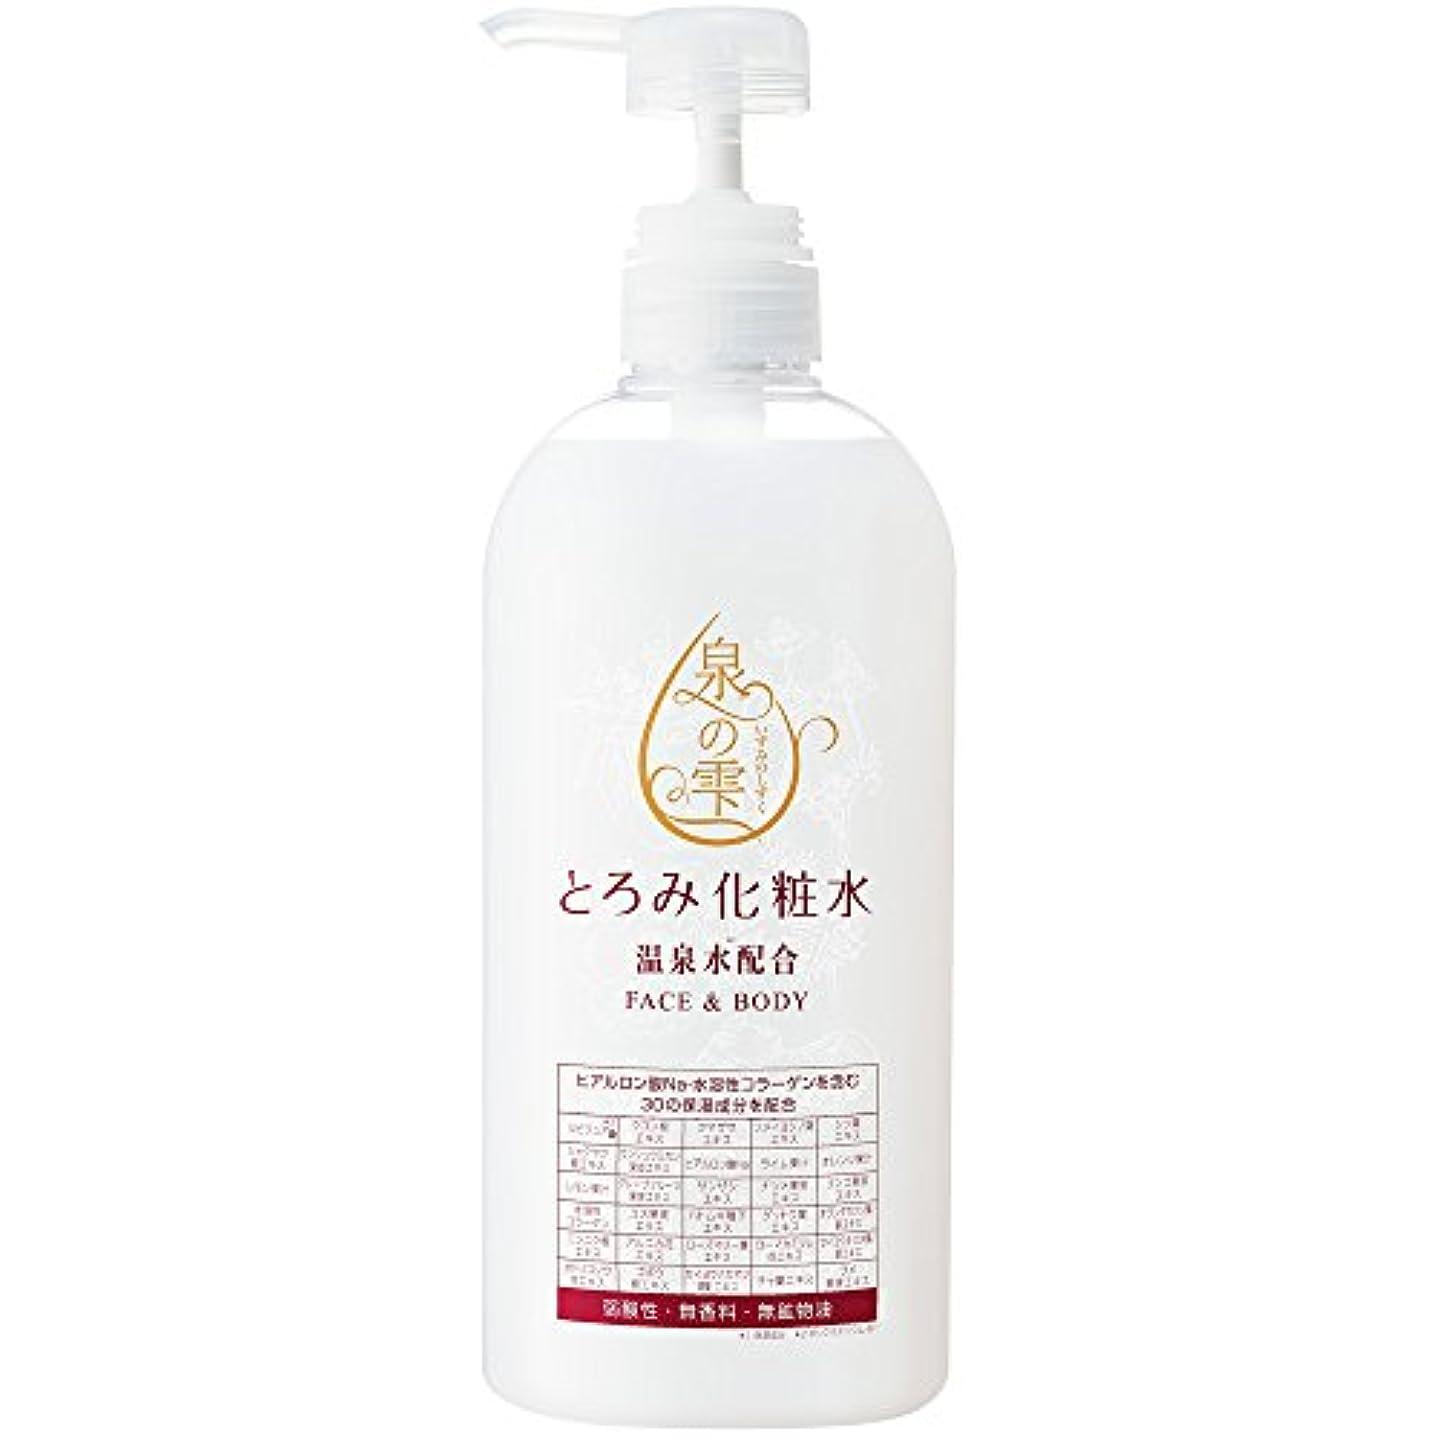 ためにマーベル化合物泉の雫(いずみのしずく)とろみ化粧水 700ml